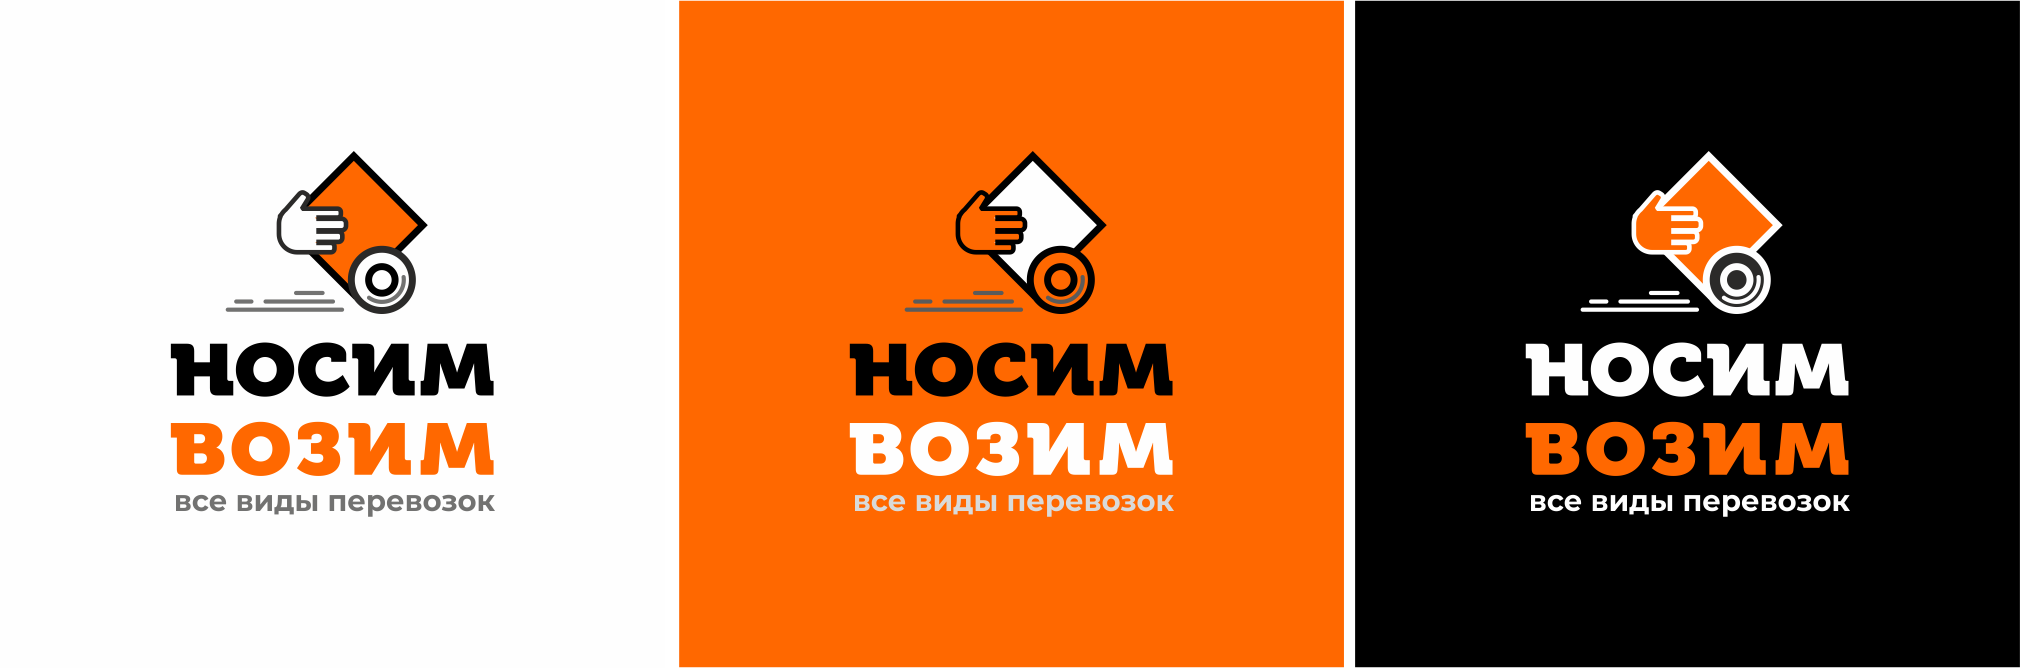 Логотип компании по перевозкам НосимВозим фото f_3855cf901e4ab655.png